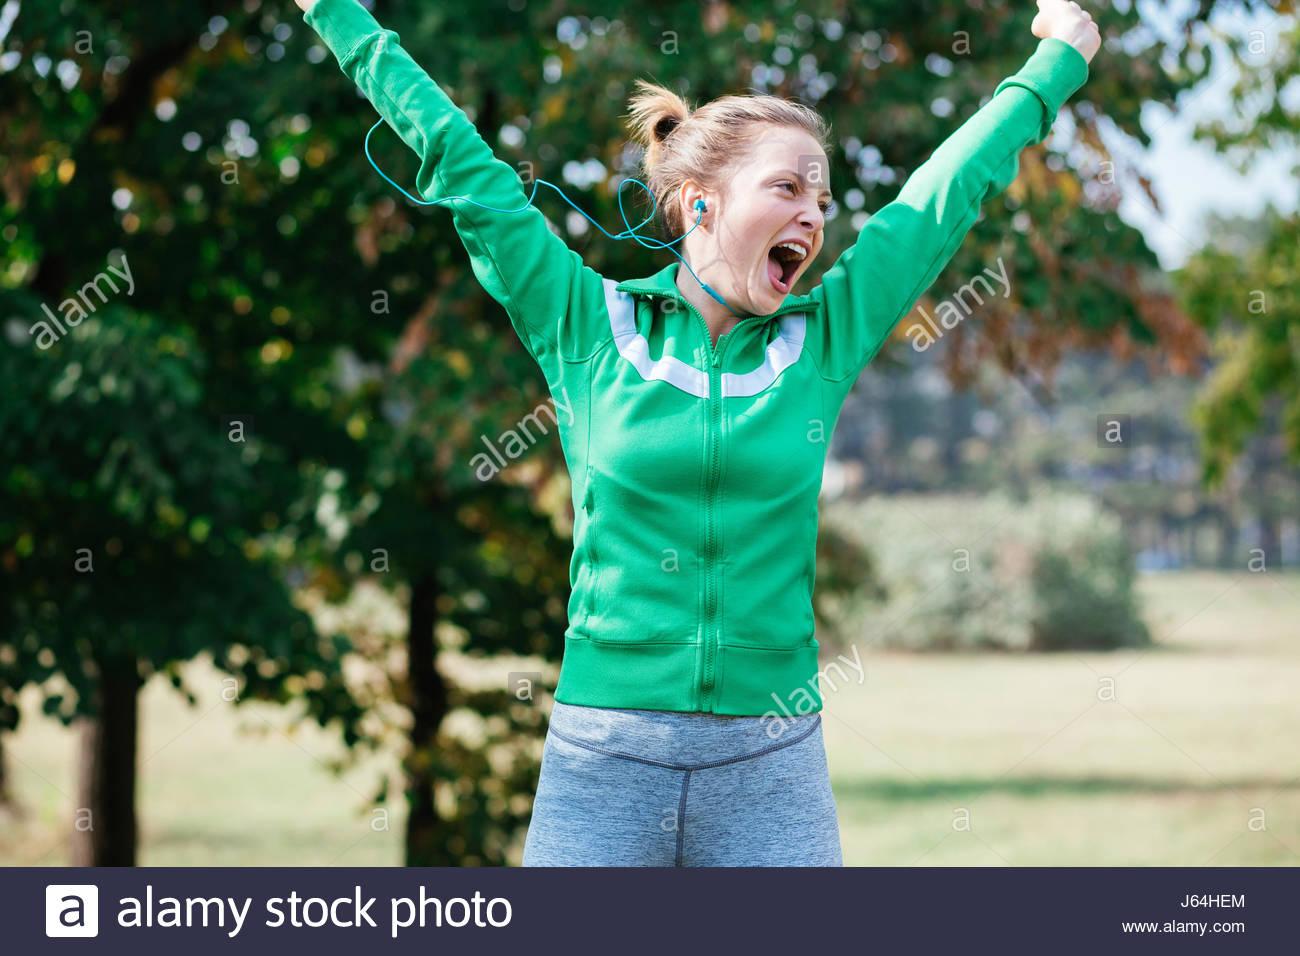 Mujeres celebran ganar una carrera Imagen De Stock